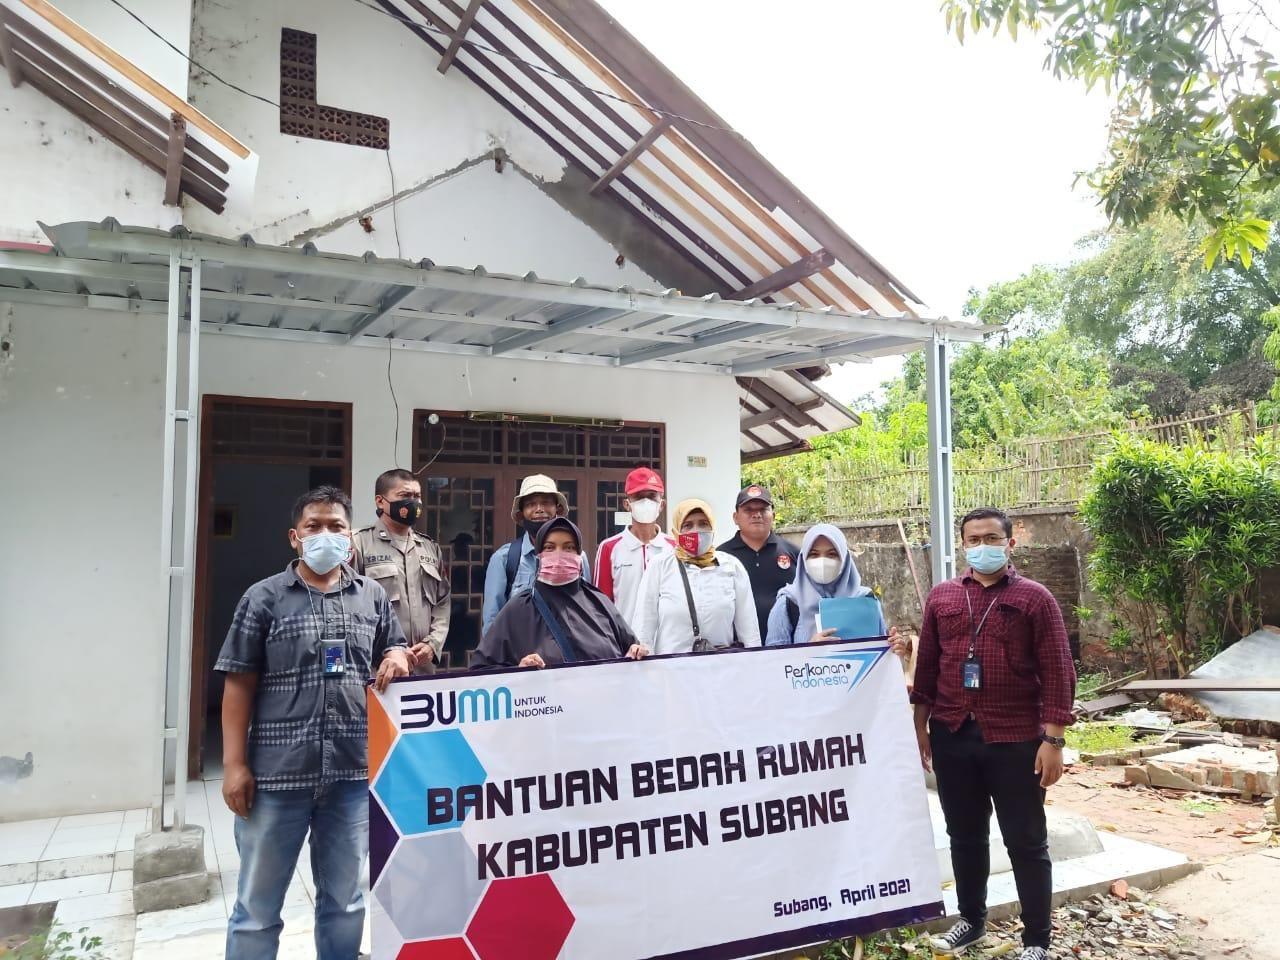 Perum Perindo Jalankan Program Bedah Rumah di Kawasan Pabrik Pakan Ikan Subang